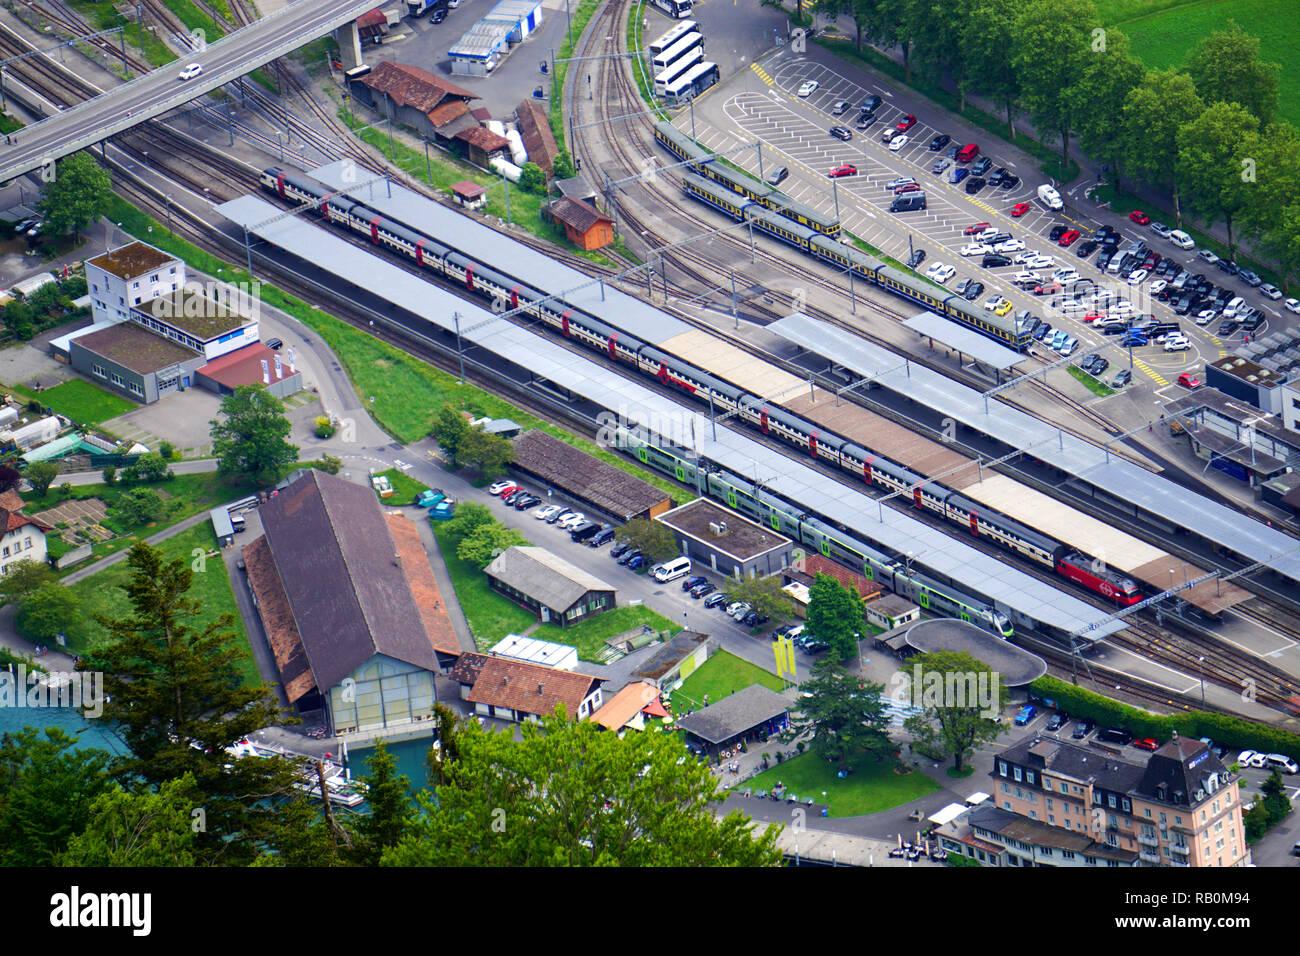 Interlaken Ost railway station - Stock Image